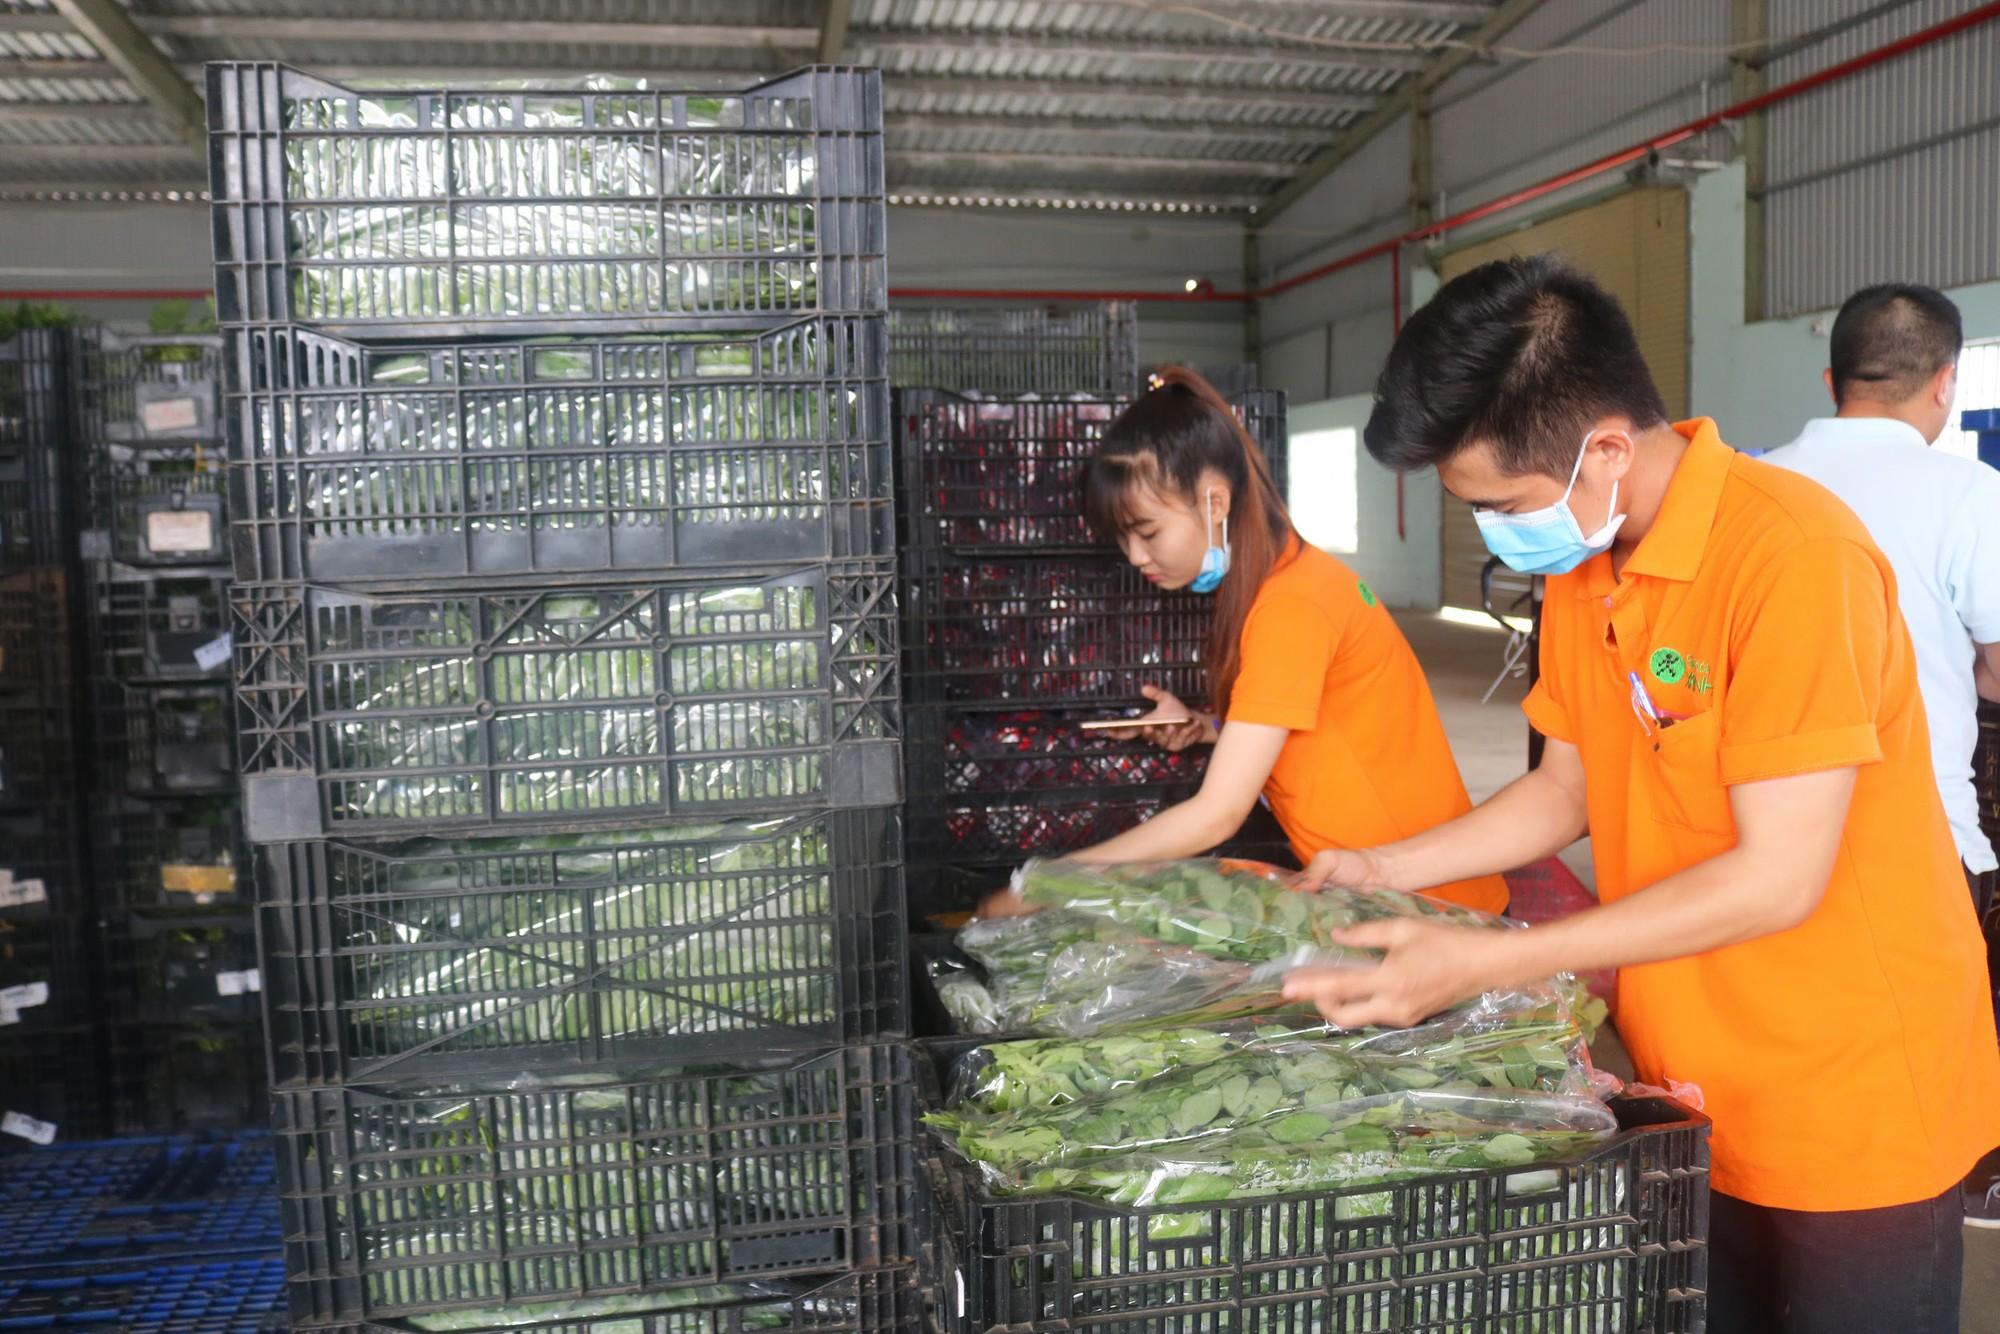 'Đột nhập' vùng trồng rau miền Tây tươi mướt như ở Đà Lạt cung cấp cho Bách Hóa Xanh - Ảnh 7.